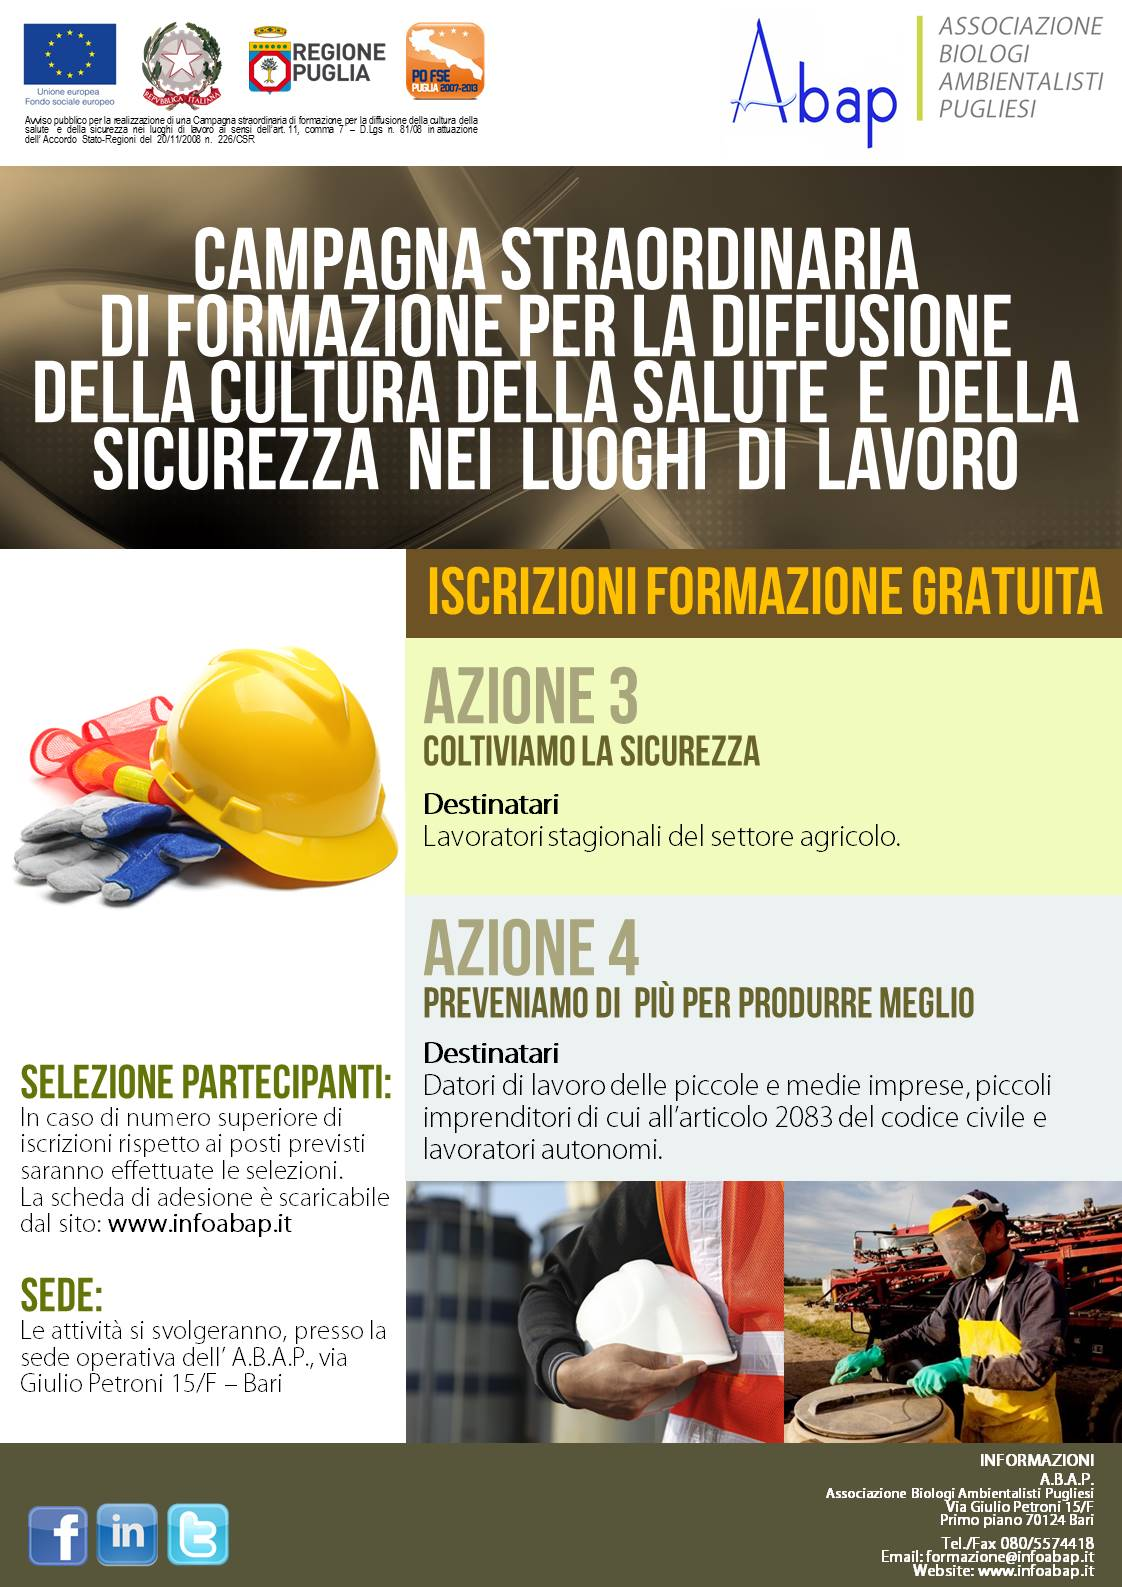 locandina-campagna-straordinaria-sicurezza_abap1